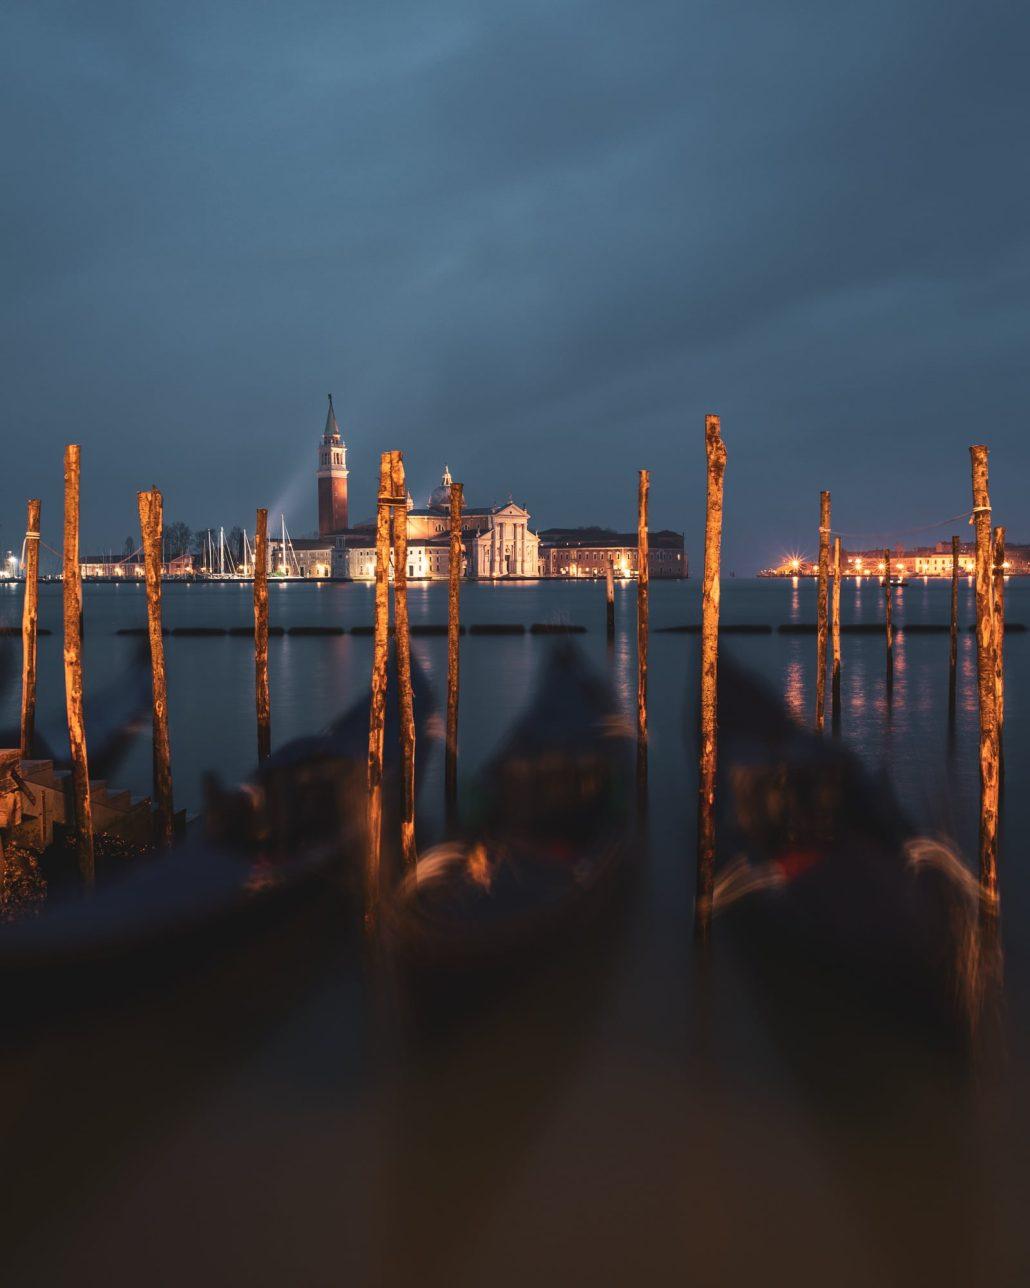 Midnight in Venice